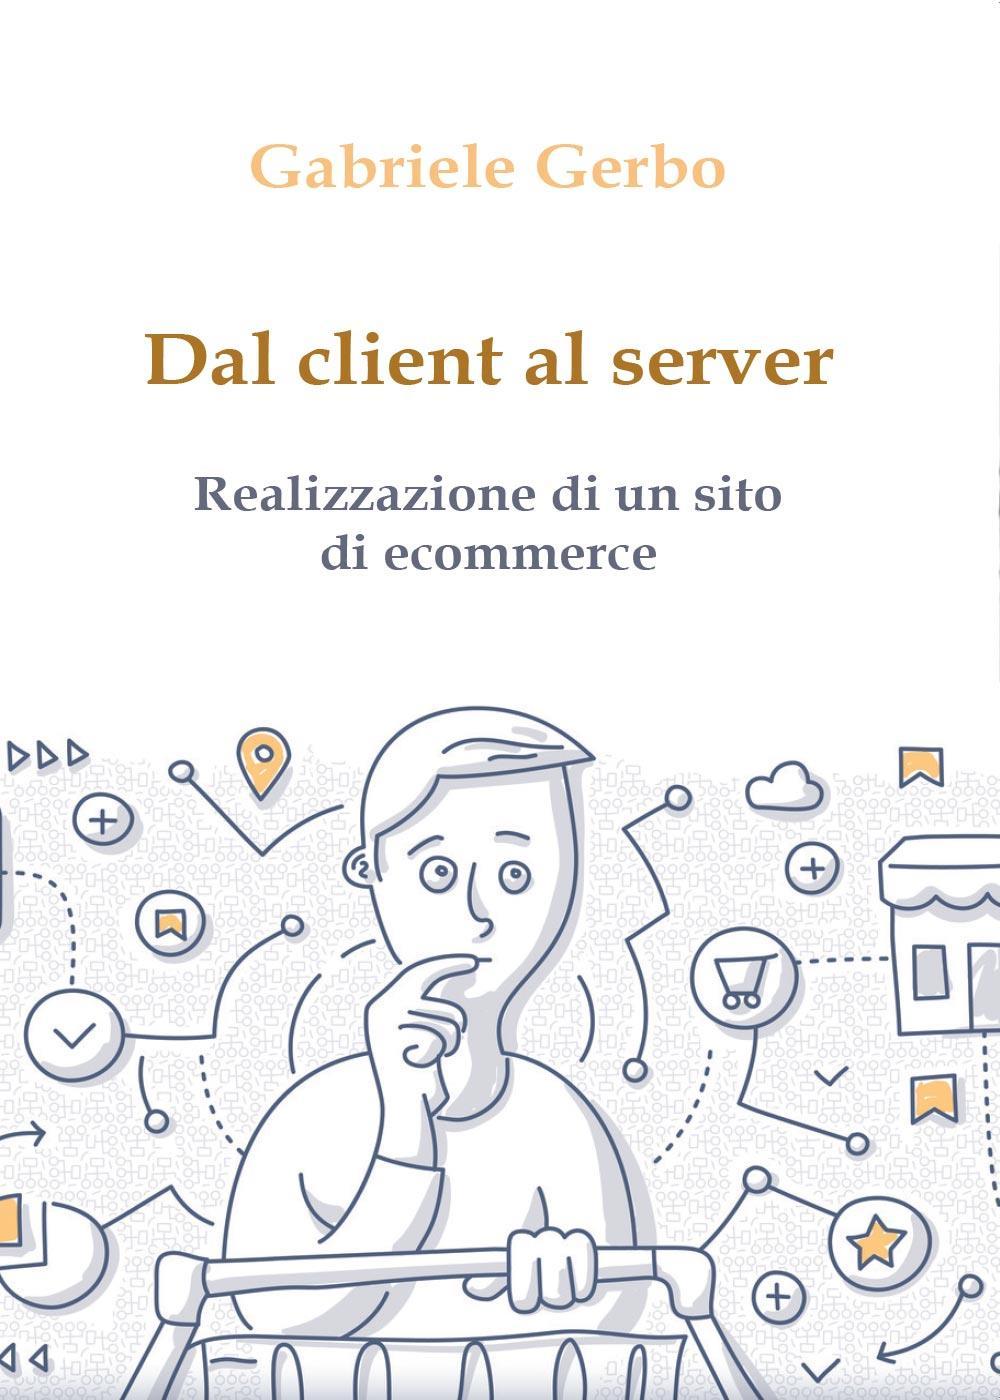 Dal client al server - realizzazione di un sito di ecommerce